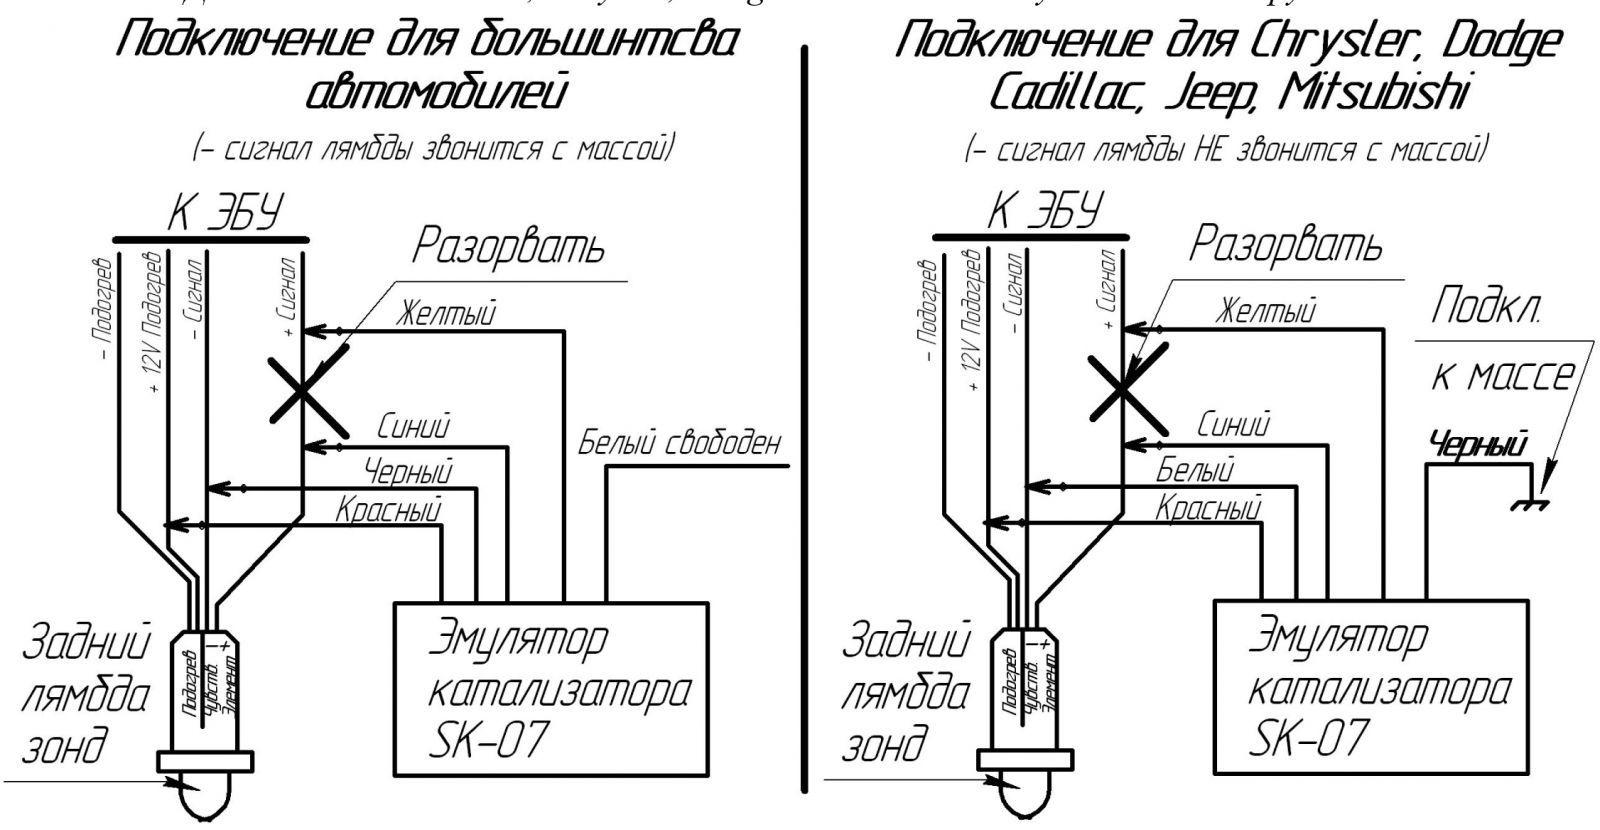 Эмулятор катализатора SK-07: цена, характеристики, отзывы Купить SK-07 в интернет магазине Proline-Rus.ru